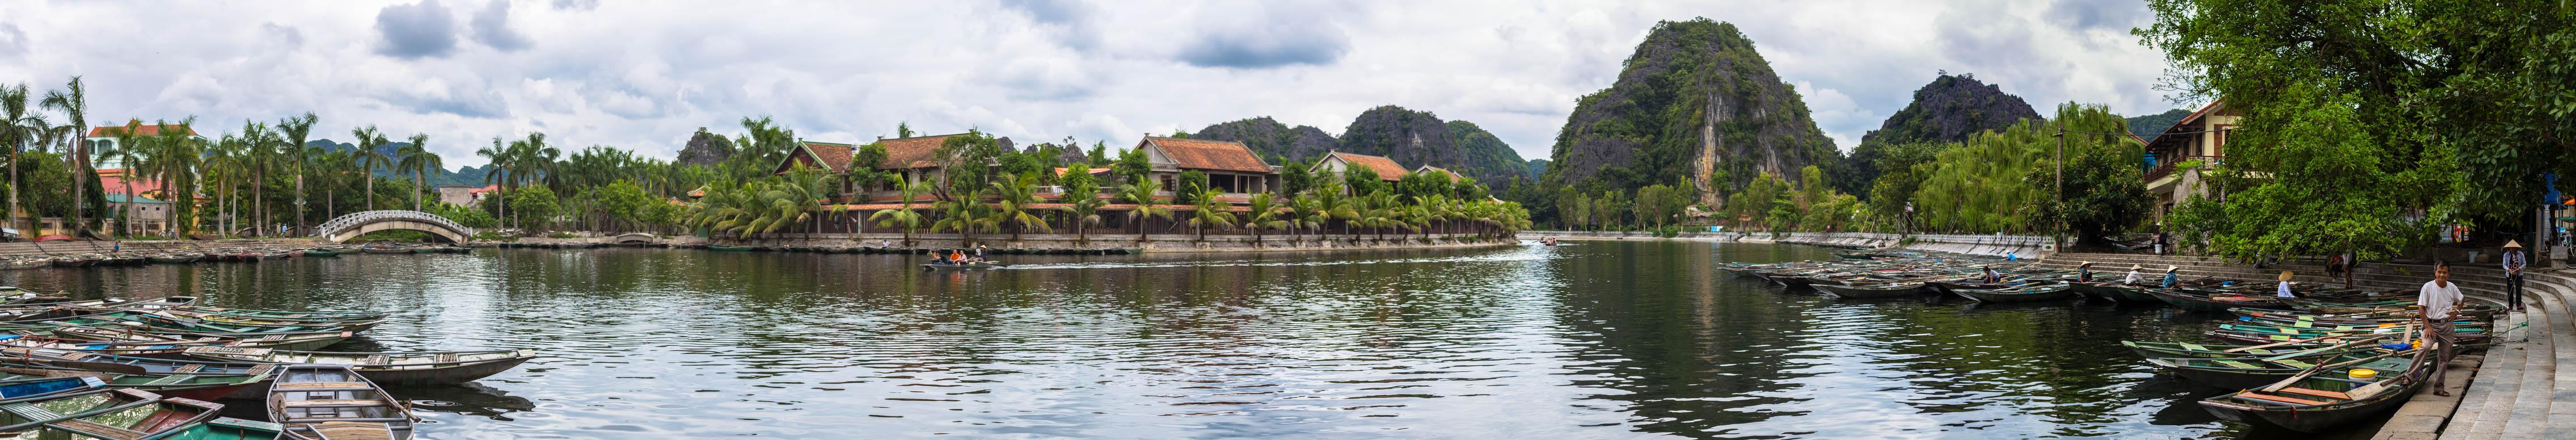 der Hafen in Tuc Coc